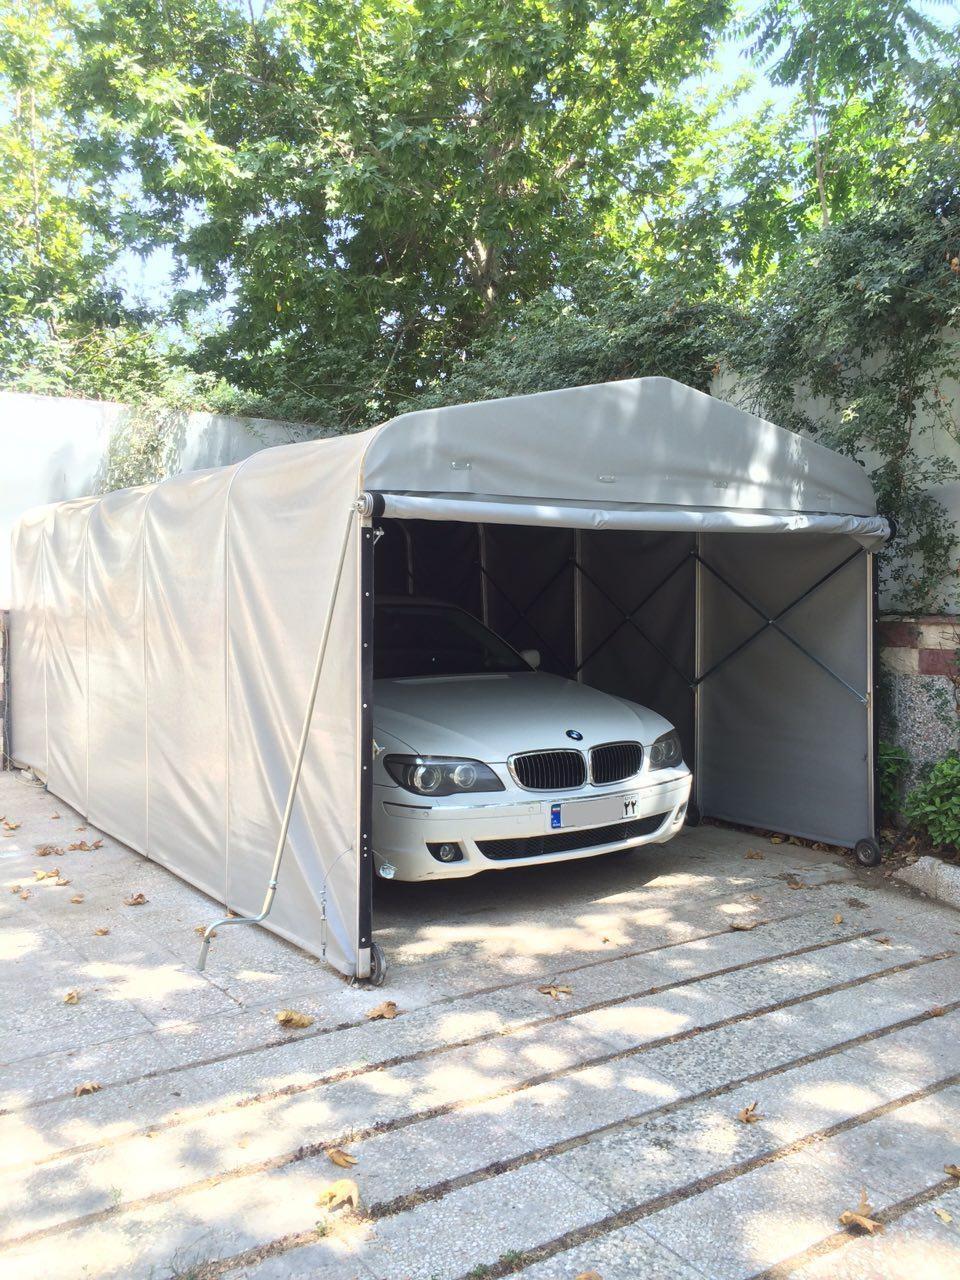 پارکینگ خودرو :: سقف وسایبان متحرک/چترهای متحرکپارکینگ